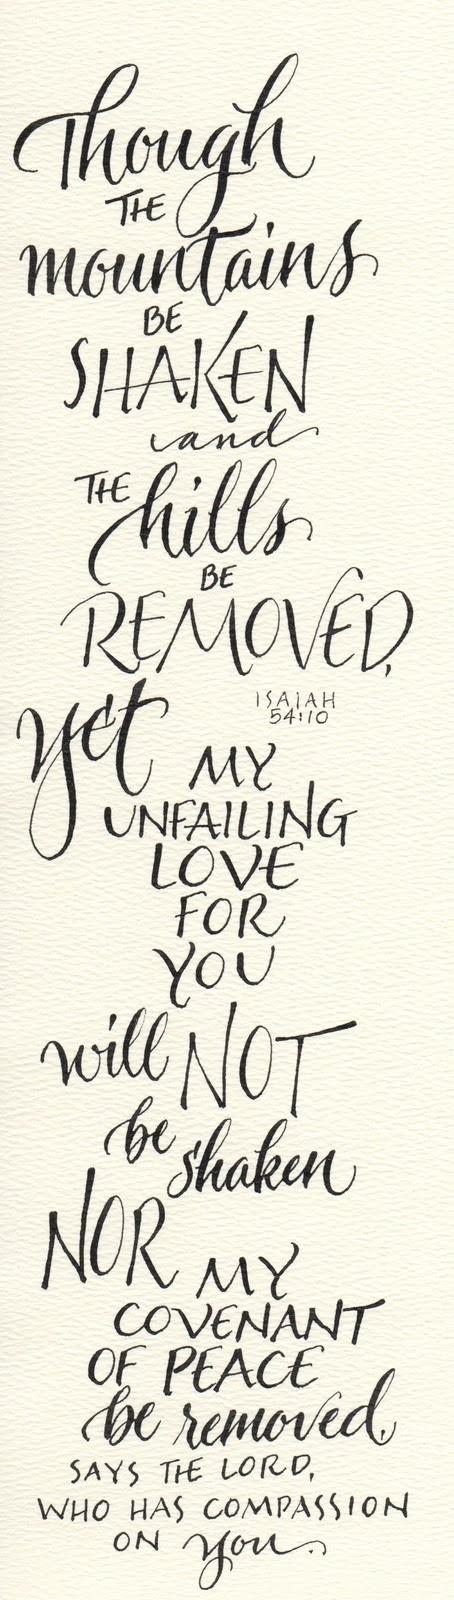 notyourgramma:  Isaiah 54:10